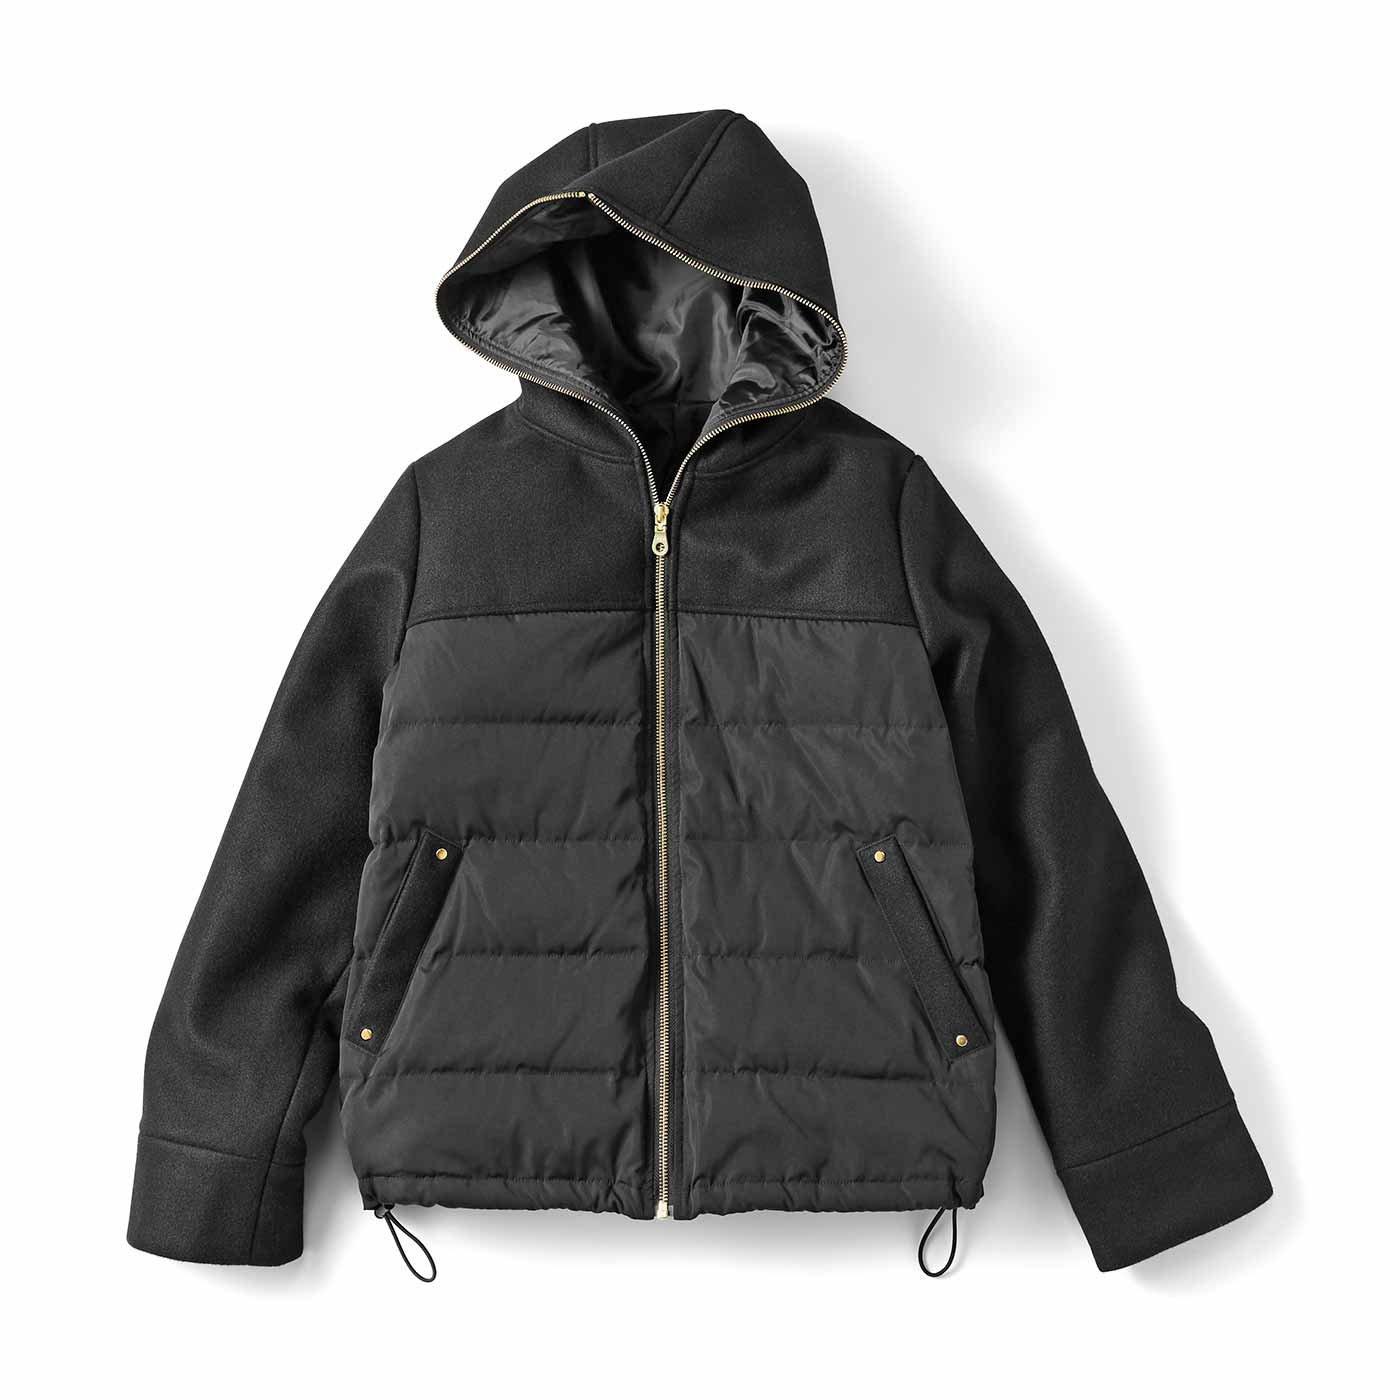 IEDIT[イディット] メルトン風素材切り替えのショート丈ダウンコート〈ブラック〉